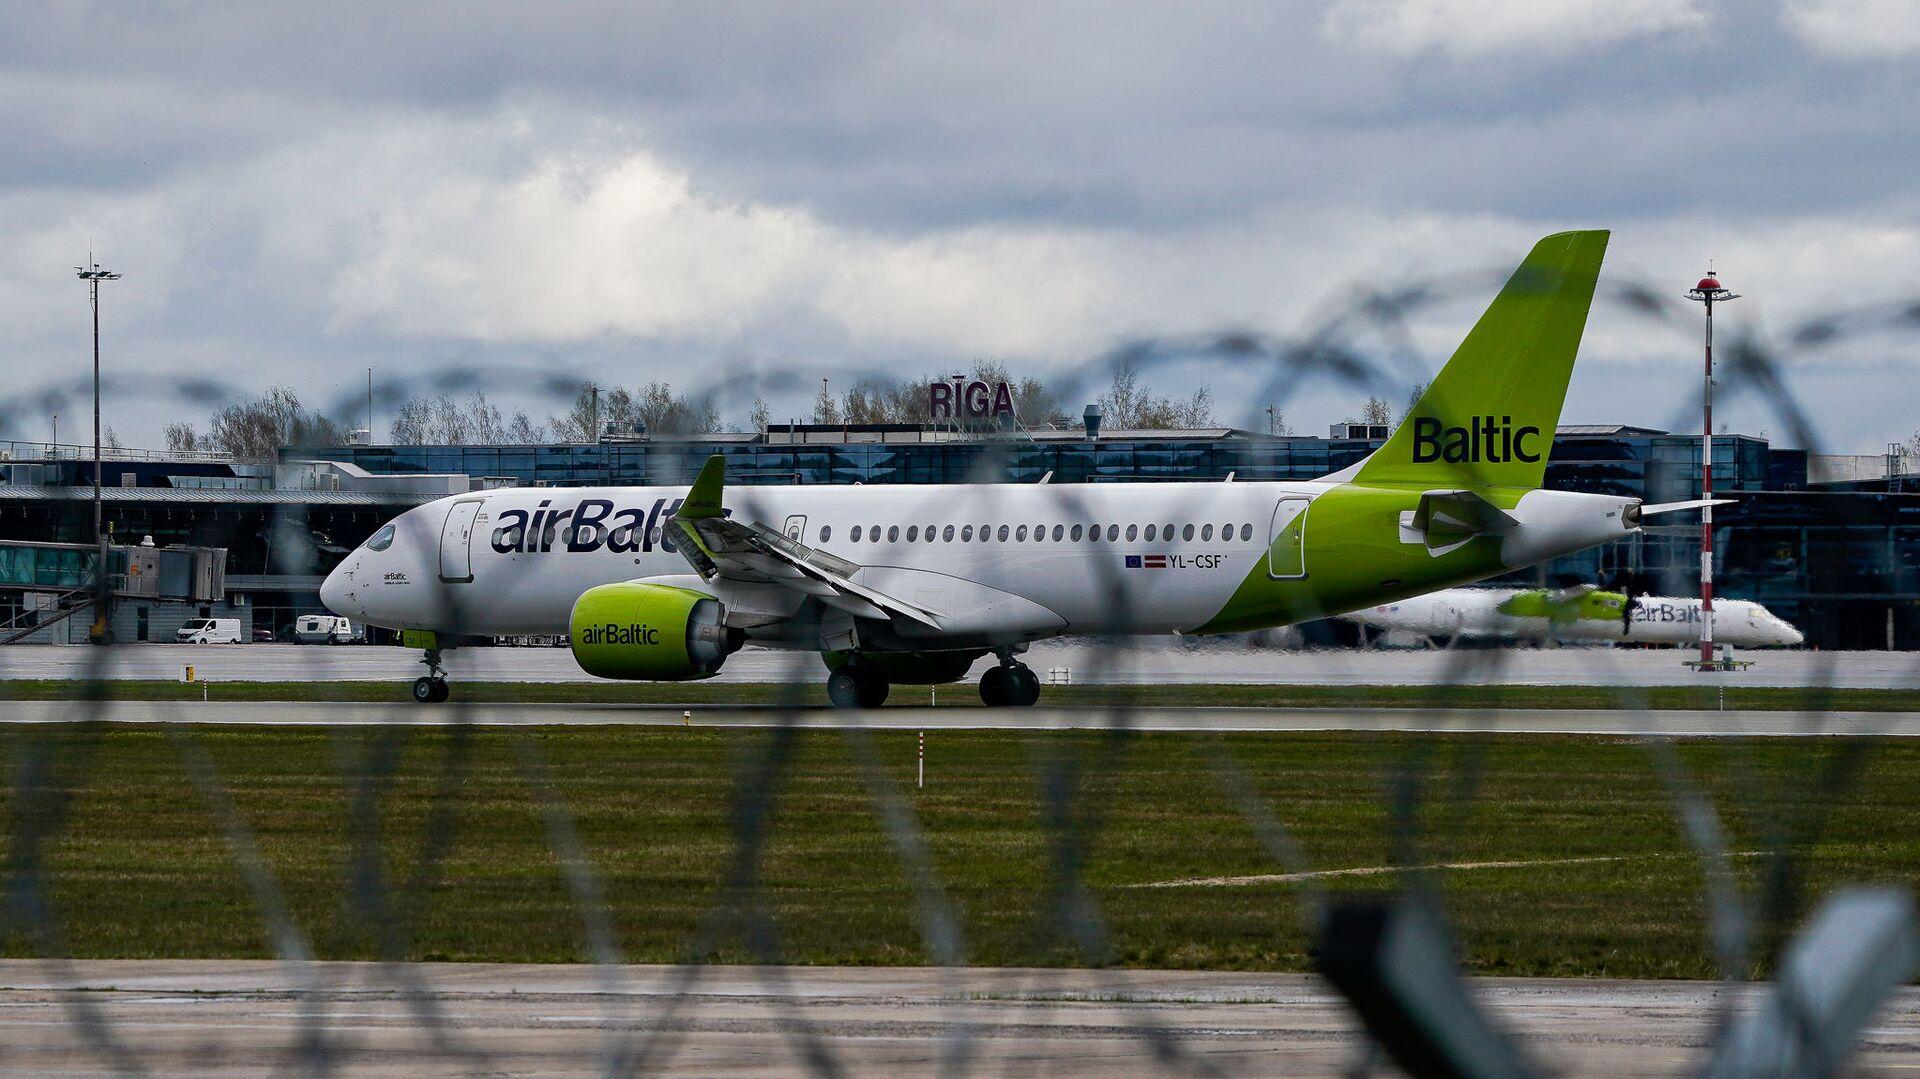 Самолет латвийской авиакомпании airBaltic заходит на посадку в аэропорт Рига - Sputnik Латвия, 1920, 01.06.2021